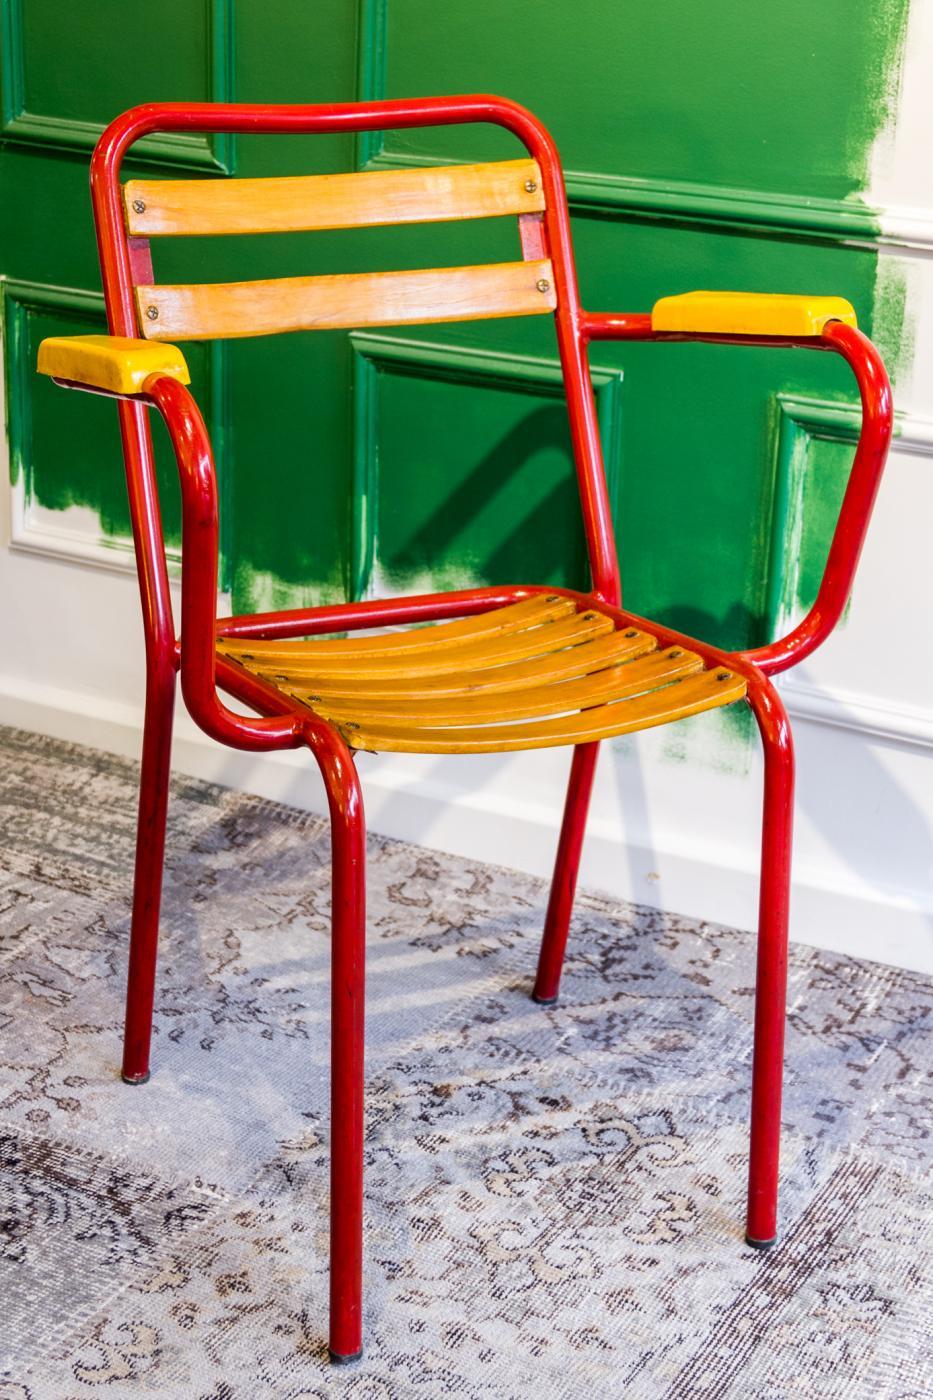 2519-cadeira-francesa-adstudio-por-paloma-danemberg-1-1400